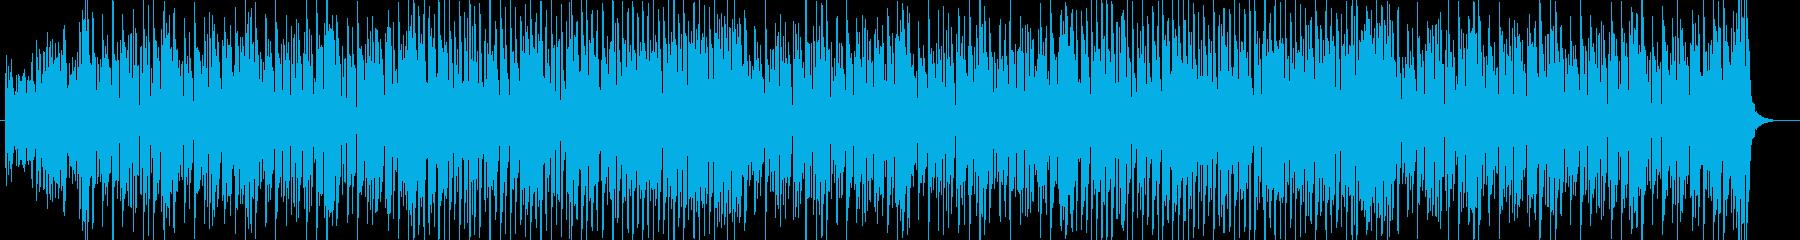 アップテンポなシンセサイザーのポップな曲の再生済みの波形